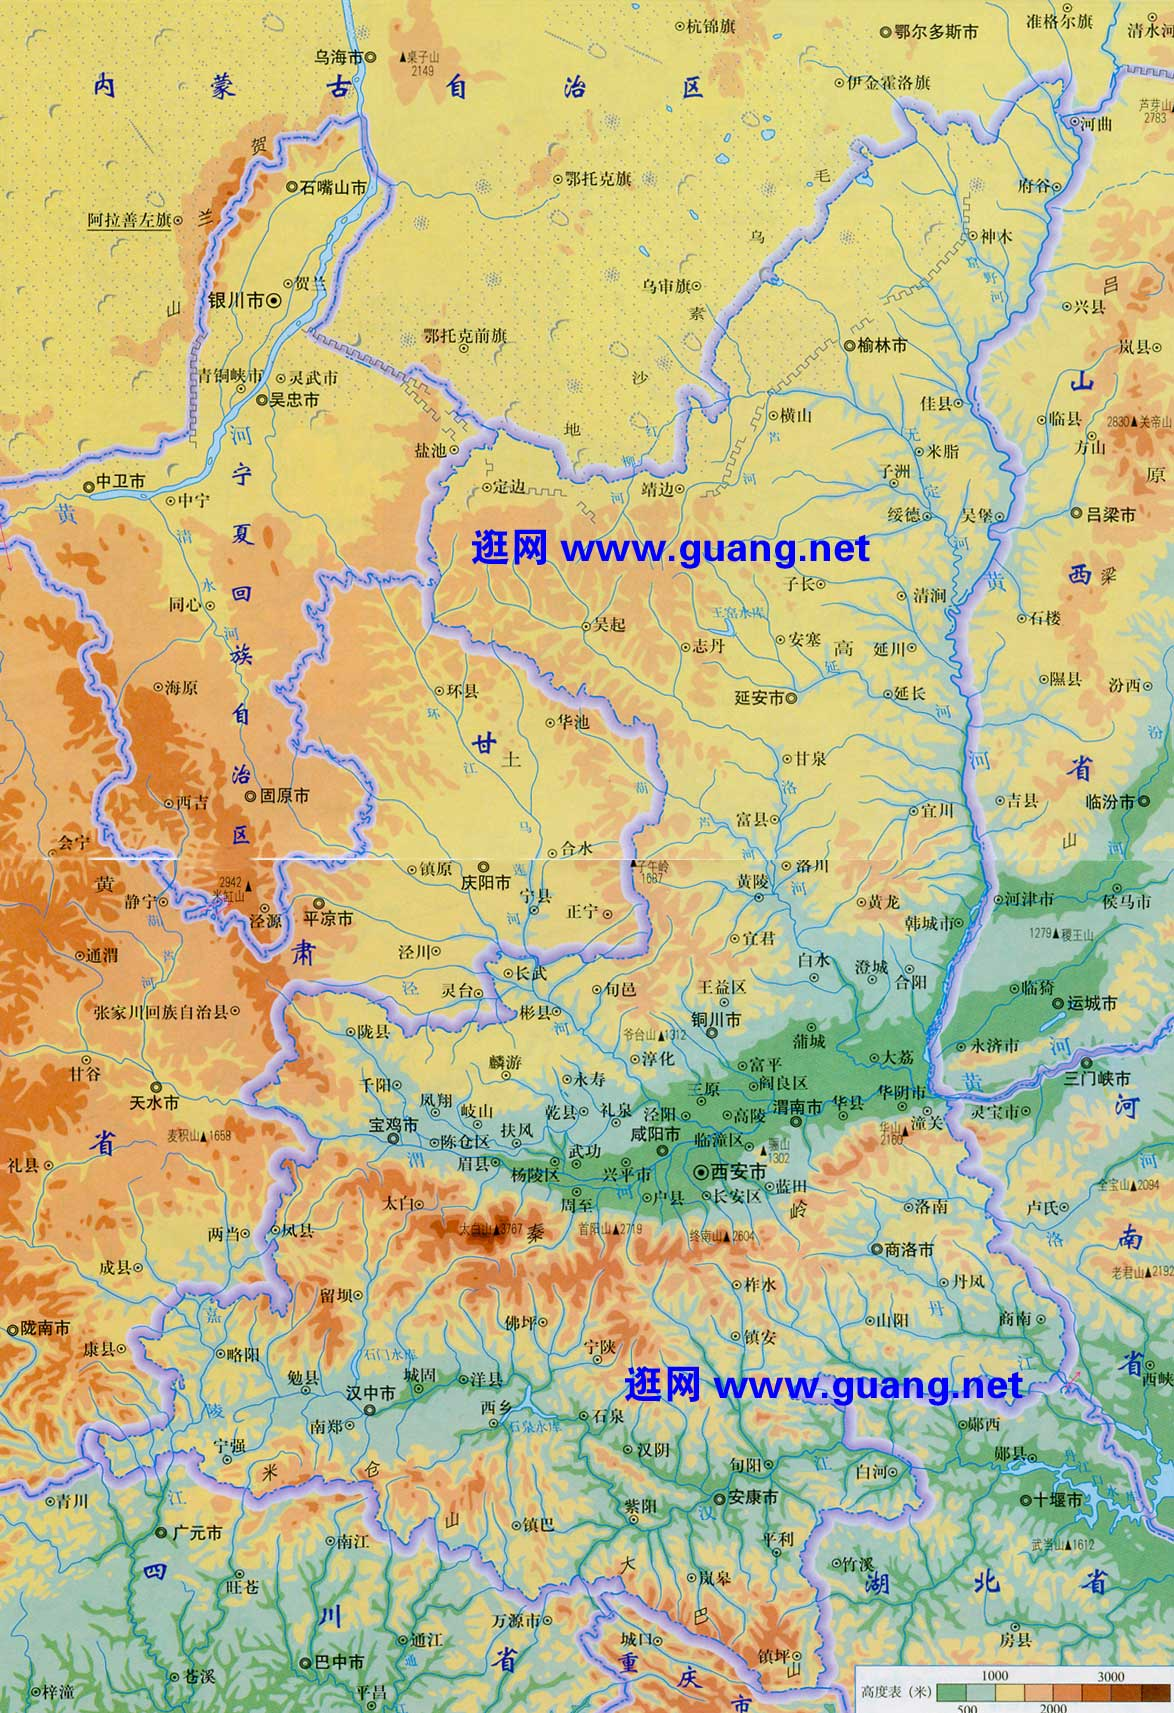 青岛市三维立体地图